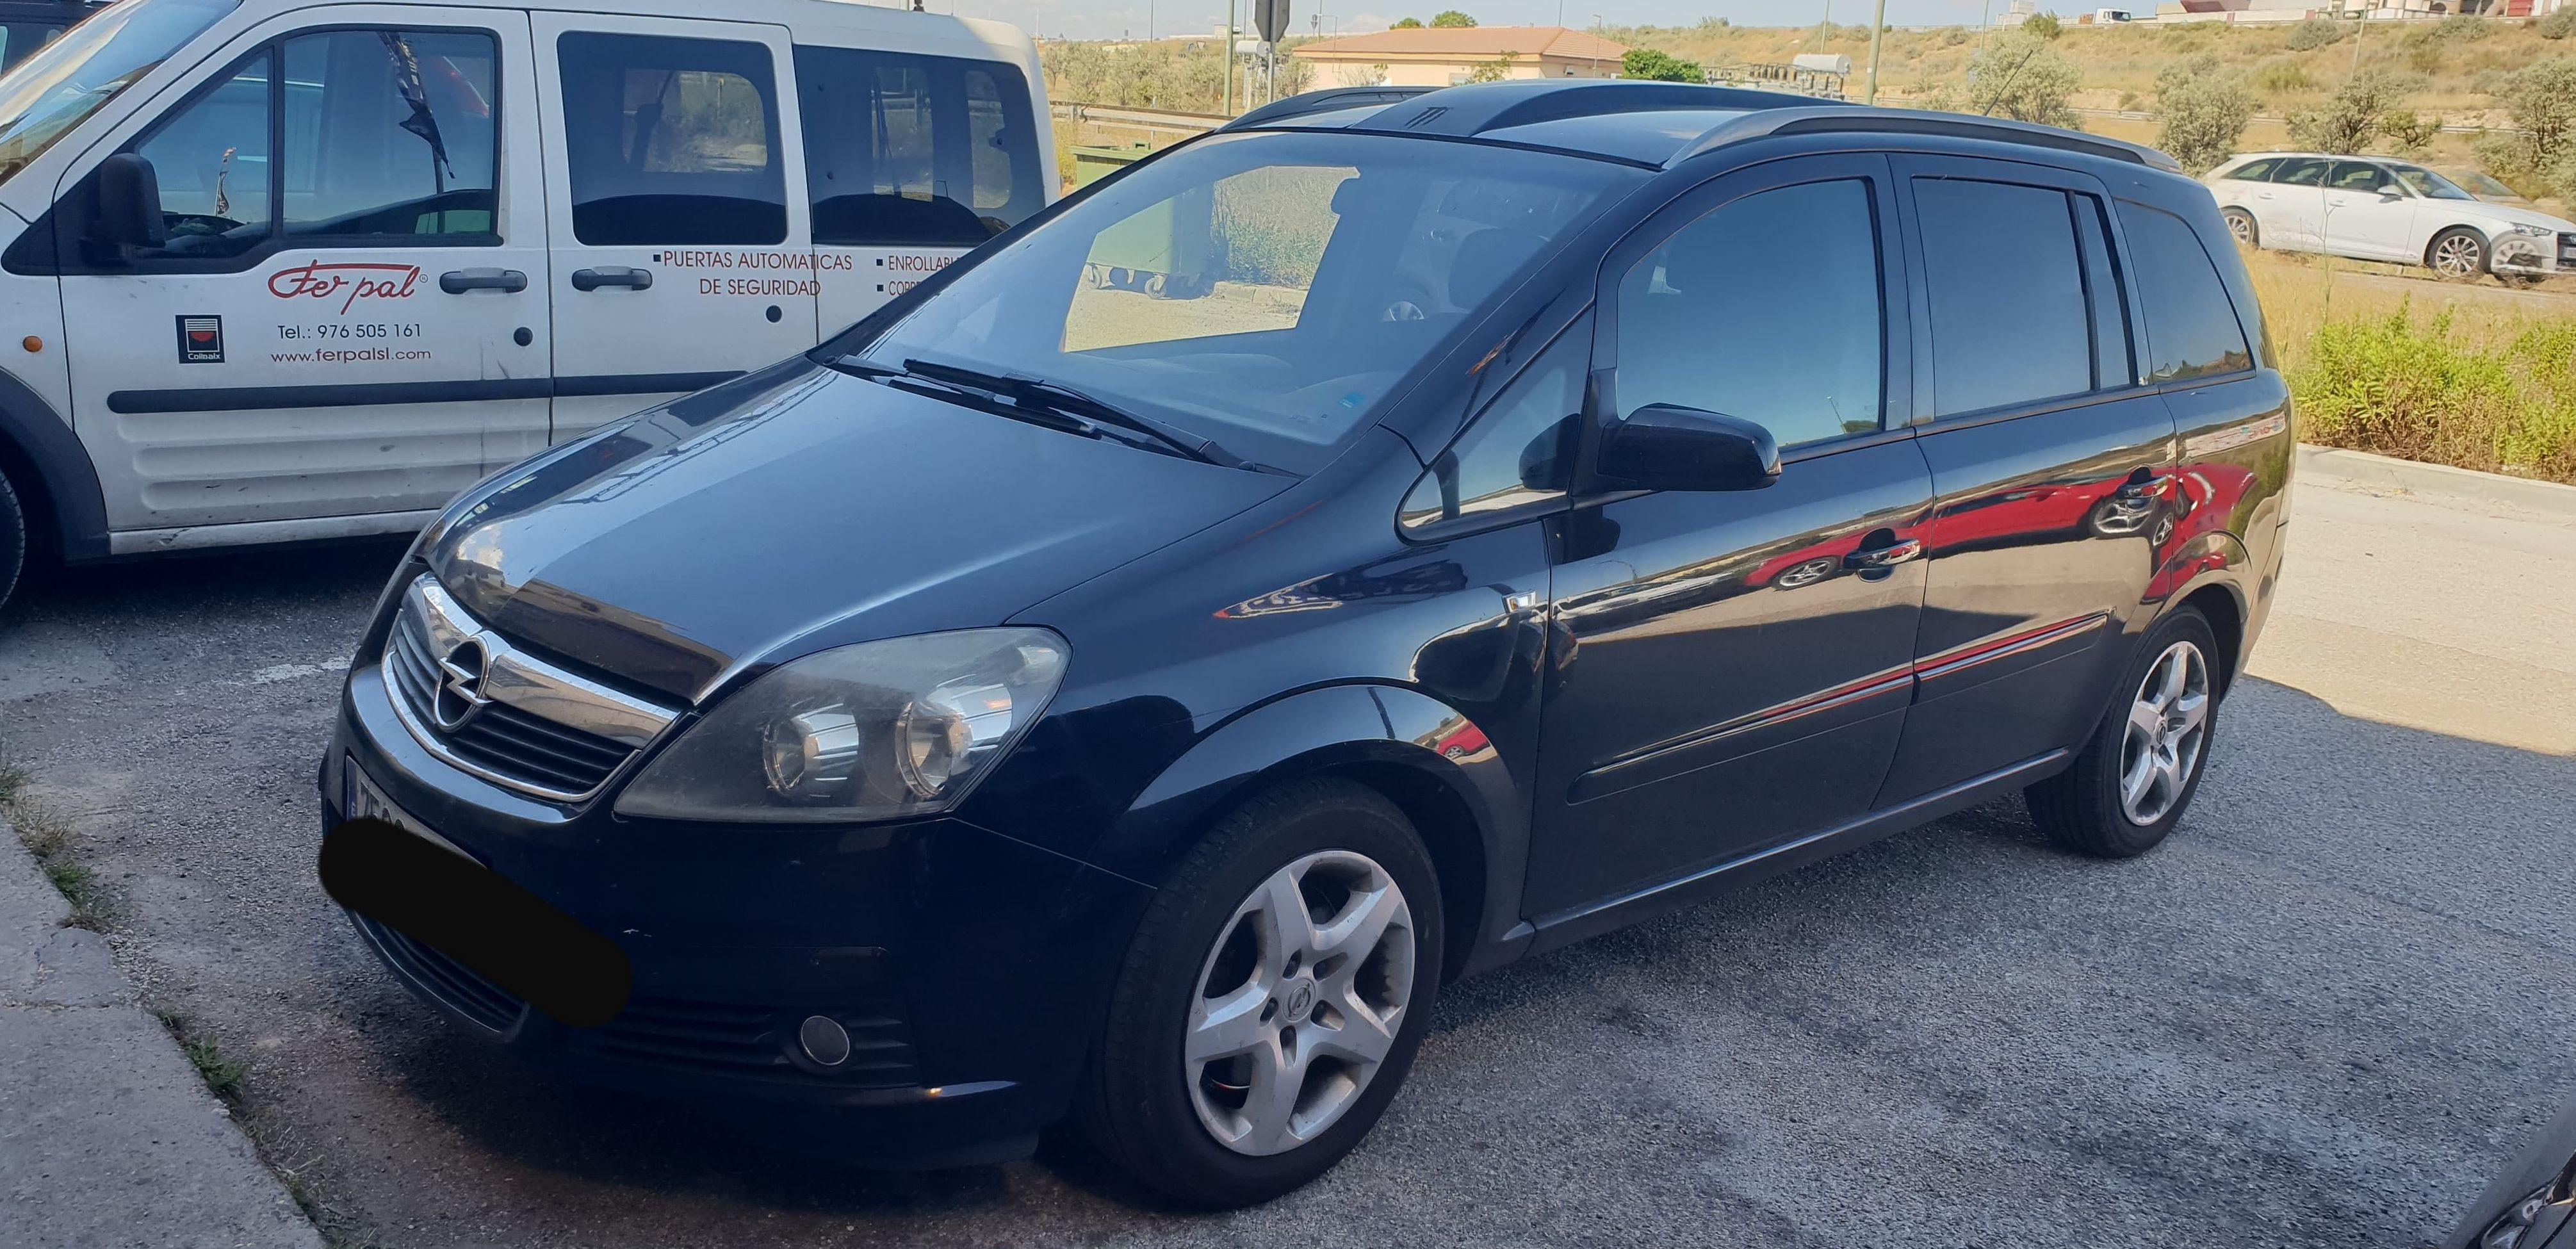 OPEL ZAFIRA 7 PLAZAS : Suspensiones y vehículos de Romero Autoparts Zaragoza